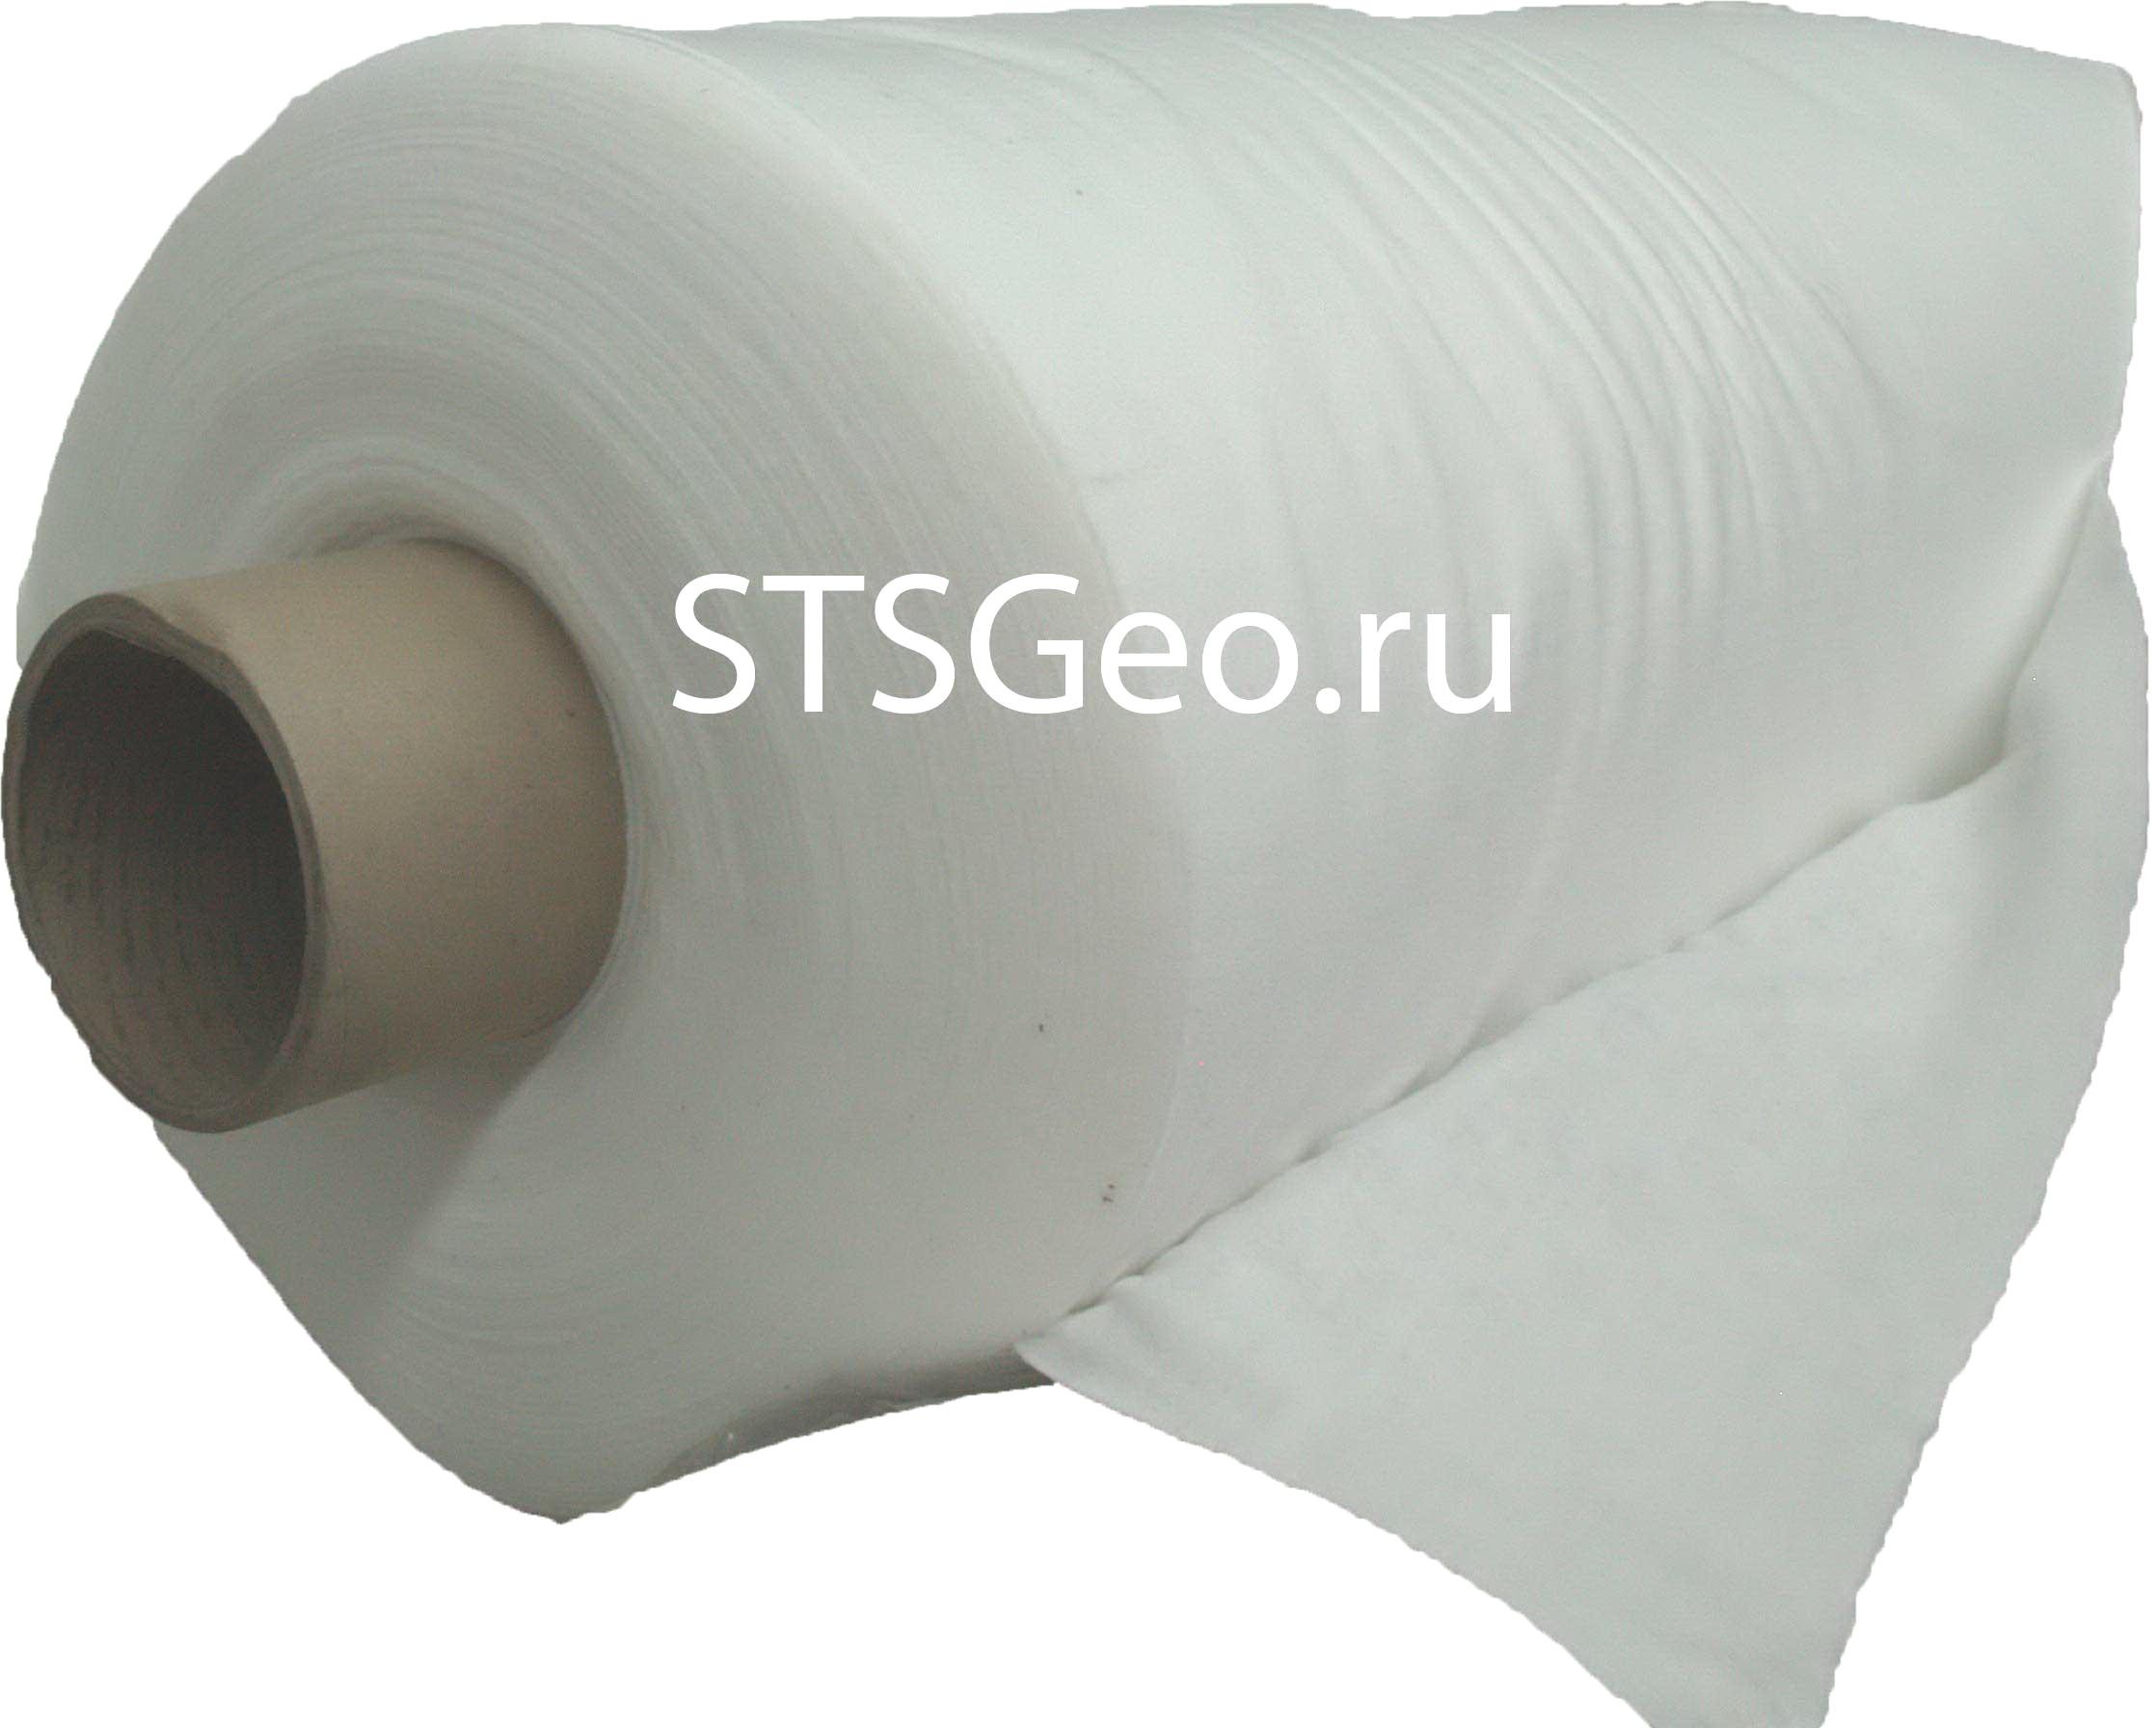 Геотекстиль Лавсан 500